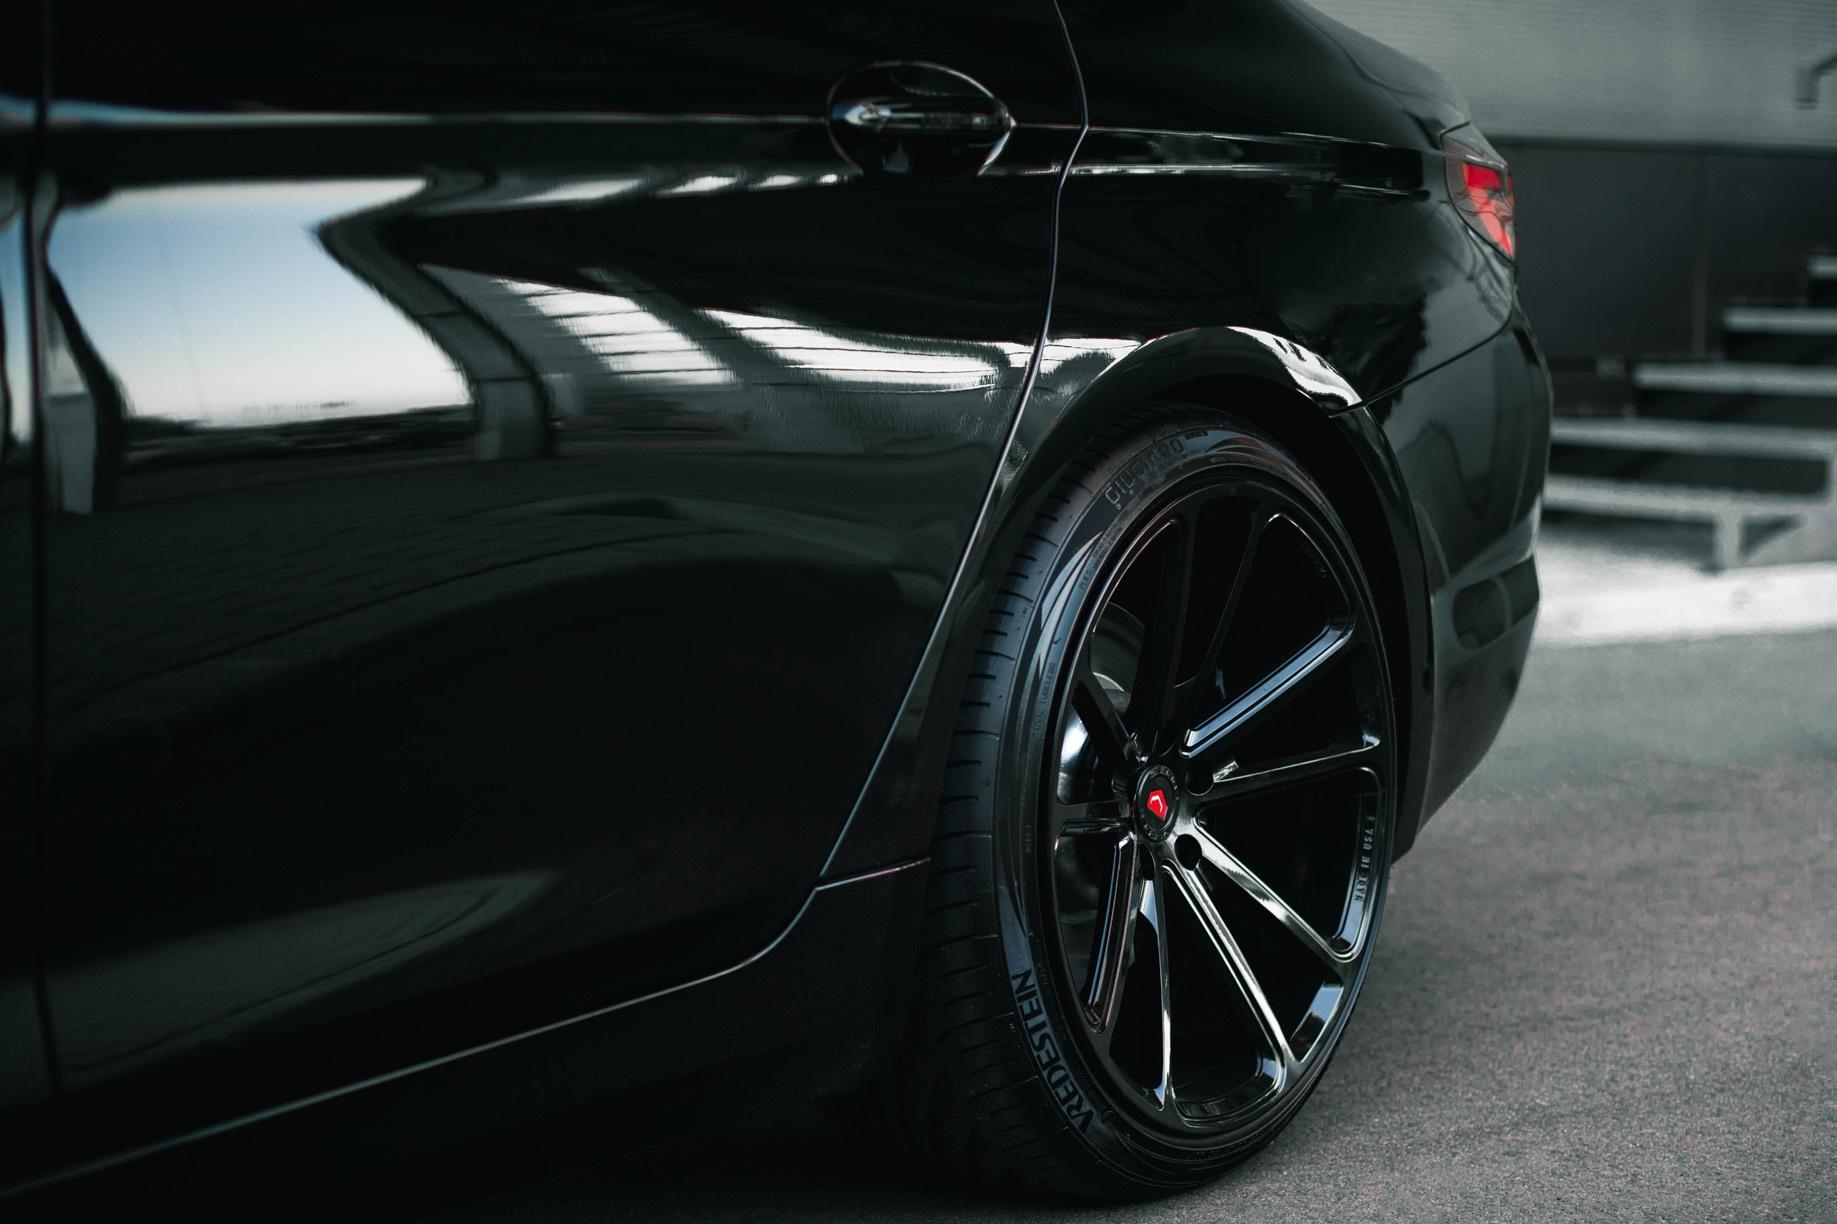 BMW-5-Series-with-Vossen-Wheels-7.jpg